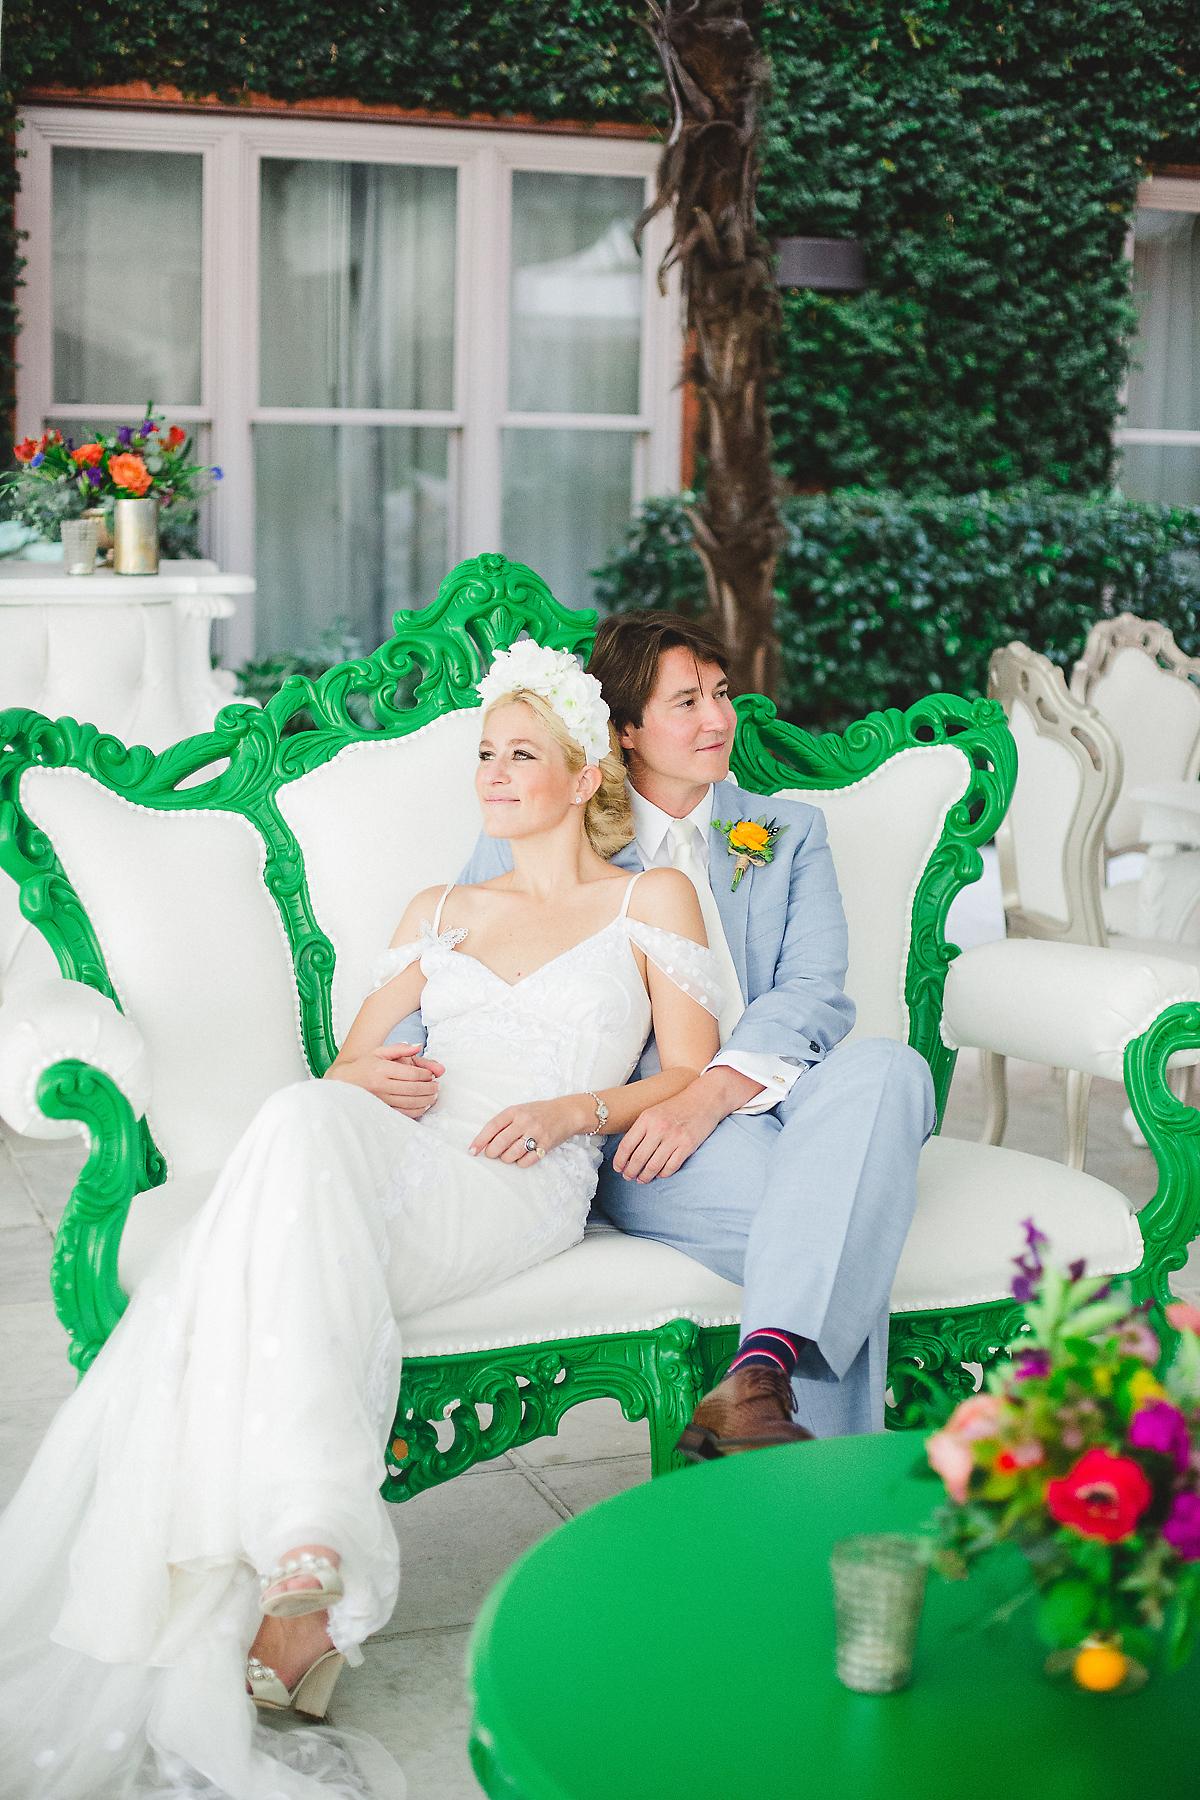 mansion-on-forsyth-park-wedding-30.jpg